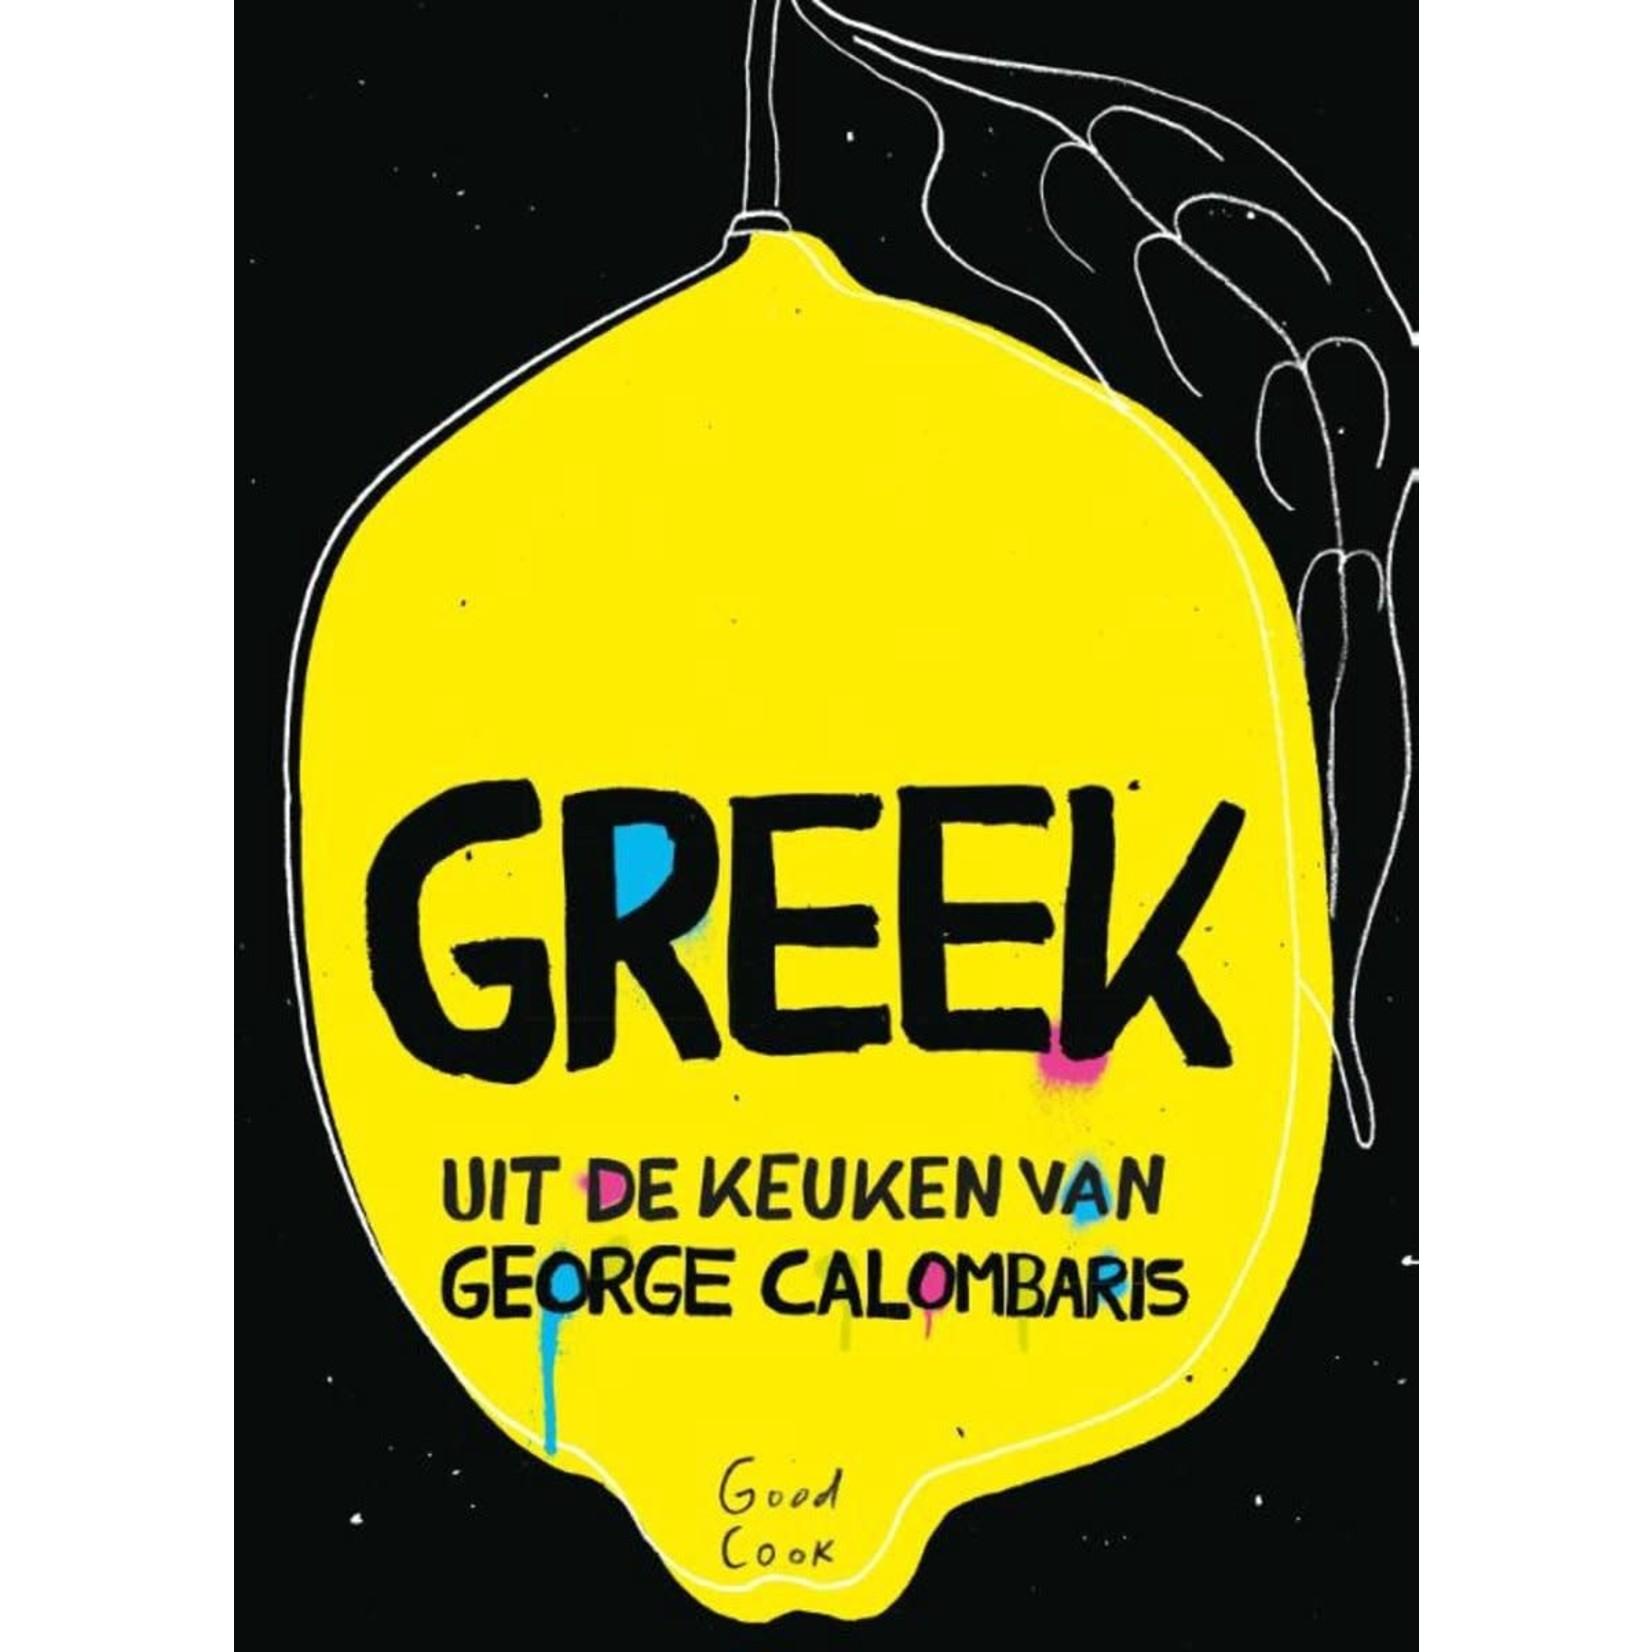 Greek - Keuken Van George Colombaris